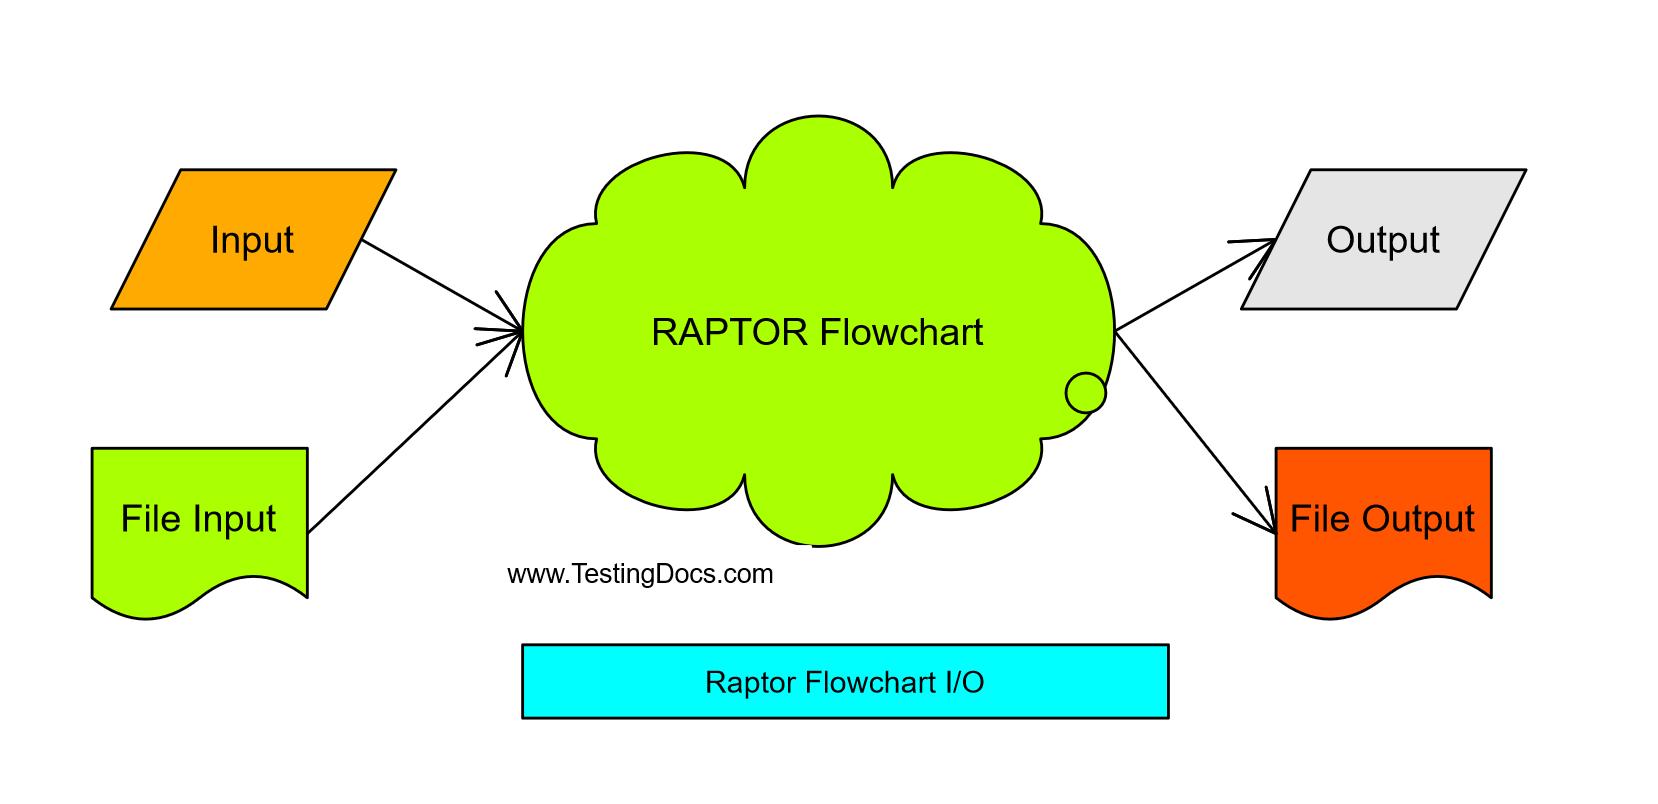 RAPTOR Flowchart IO